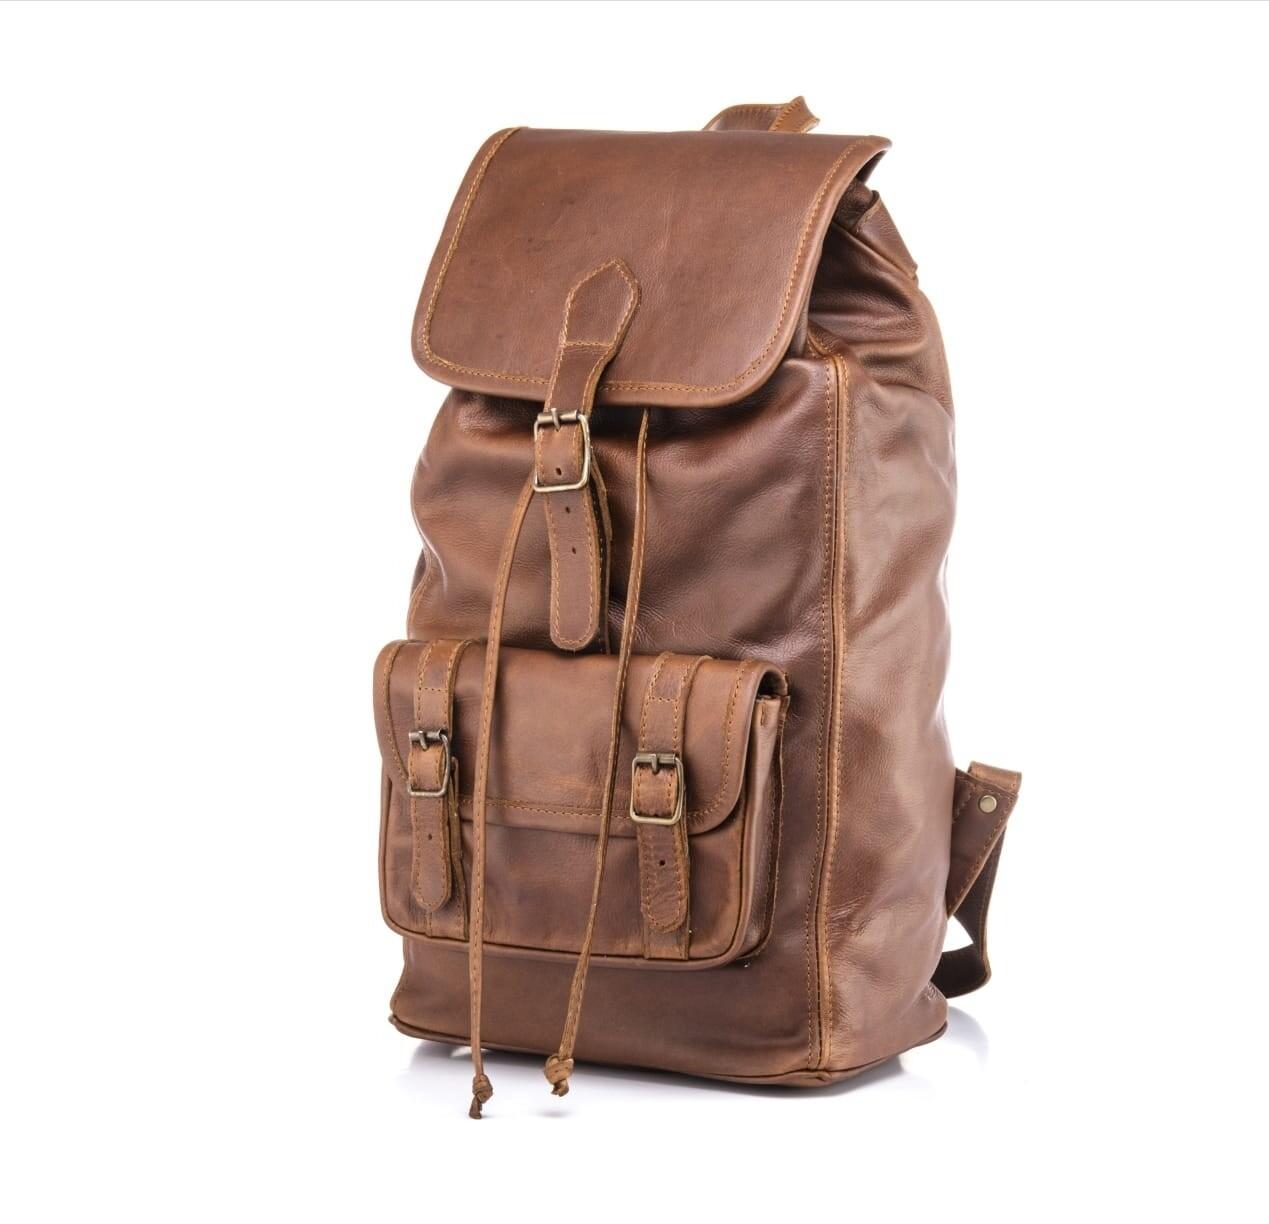 Back Pack leather bag